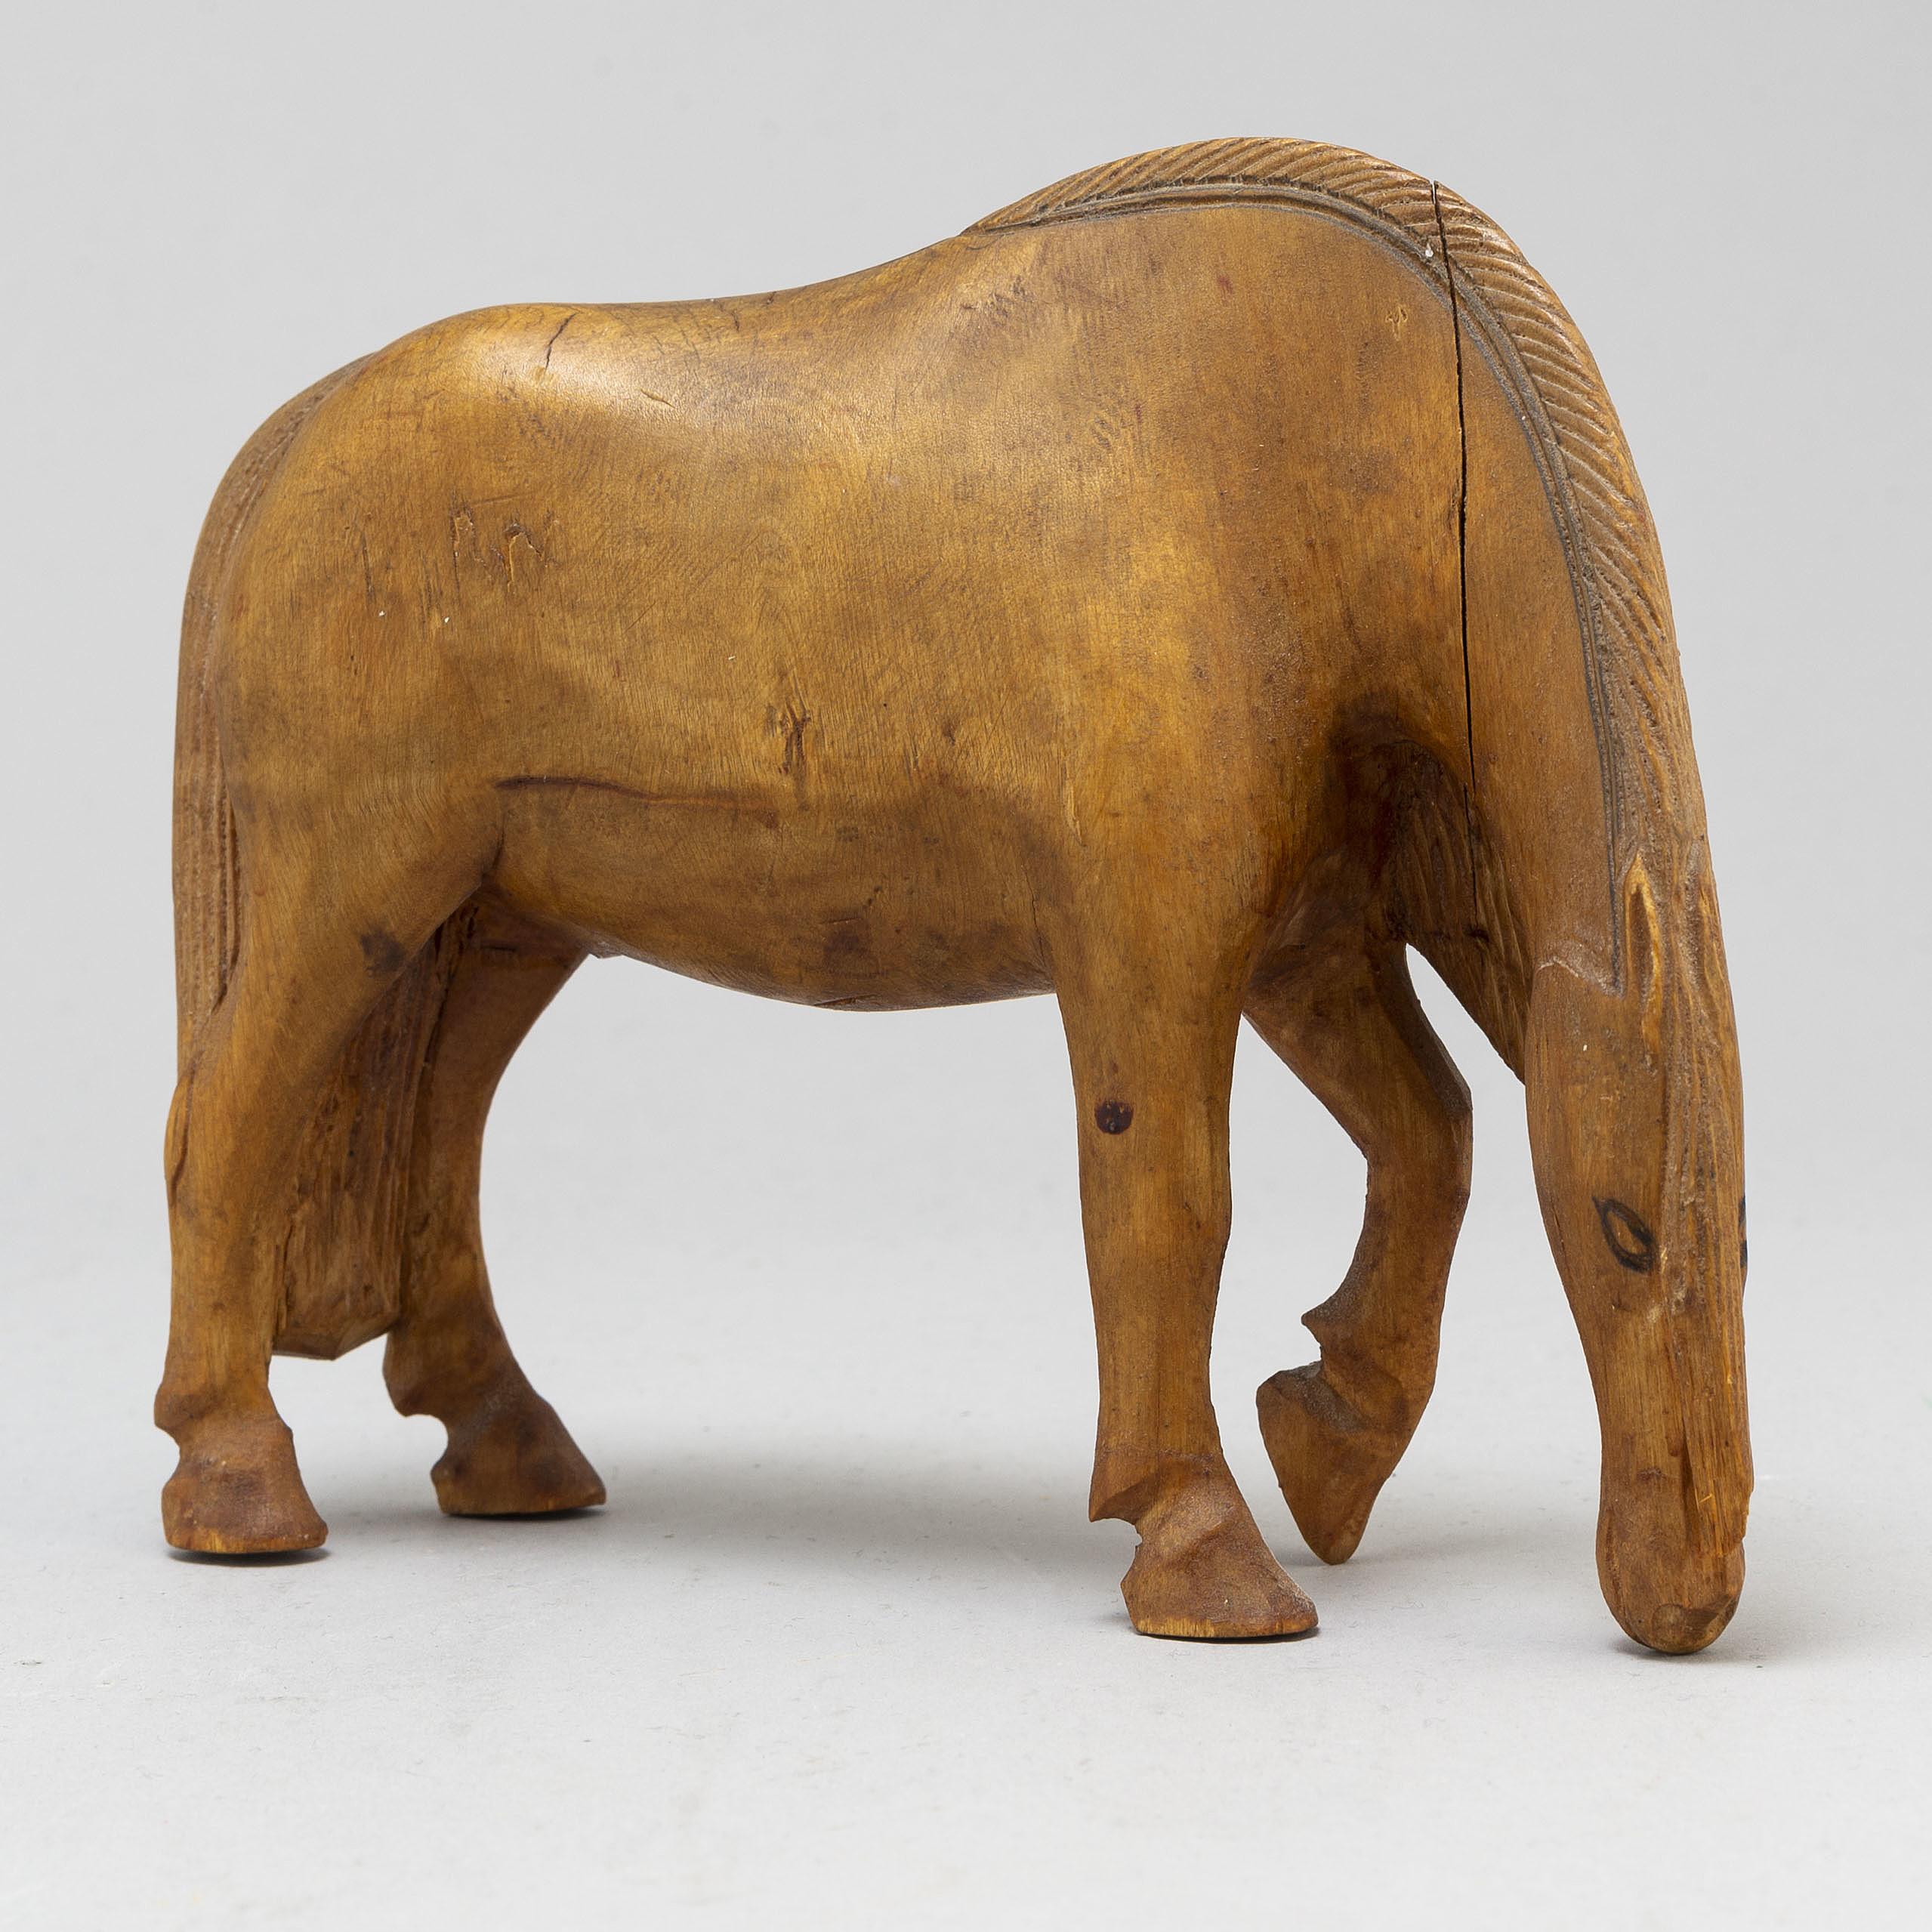 Jemt Olov Person A Wooden Horse Sculpture Bukowskis